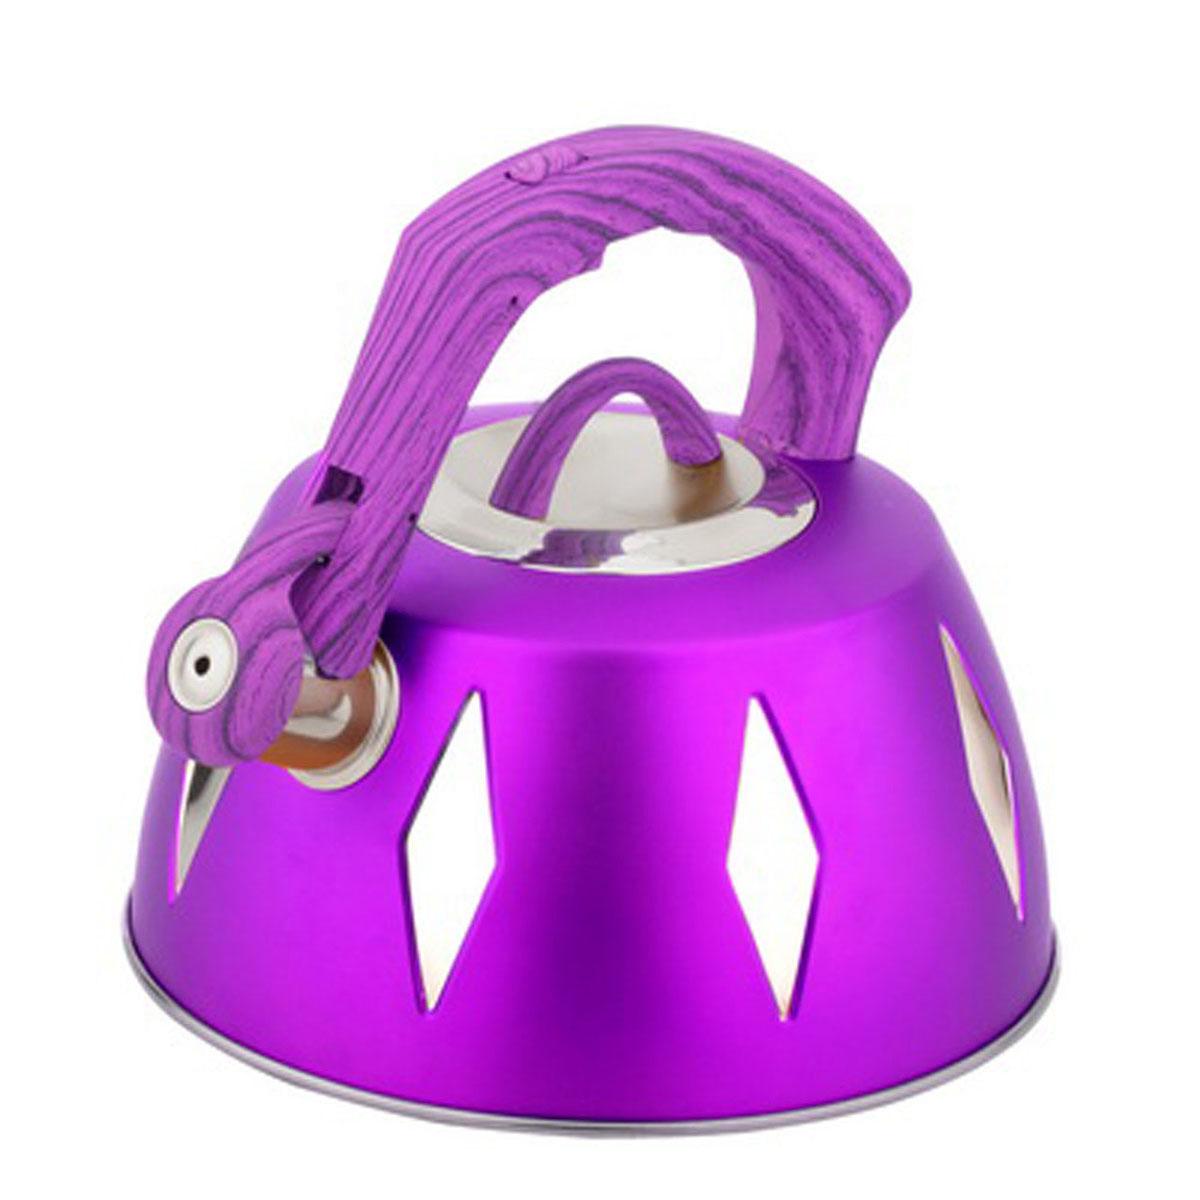 Чайник Bohmann со свистком, 3,5 л, цвет: фиолетовый115510Чайник Bohmann изготовлен из высококачественной нержавеющей стали с цветным матовым покрытием. Нержавеющая сталь - материал, из которого в течение нескольких десятилетий во всем мире производятся столовые приборы, кухонные инструменты и различные аксессуары. Этот материал обладает высокой стойкостью к коррозии и кислотам. Прочность, долговечность и надежность этого материала, а также первоклассная обработка обеспечивают практически неограниченный запас прочности и неизменно привлекательный внешний вид. Капсульное дно позволяет изделию быстро нагреваться и дольше сохранять тепло. Чайник оснащен фиксированной прорезиненной цветной ручкой, что предотвращает появление ожогов и обеспечивает безопасность использования. Носик чайника имеет откидной свисток, который подскажет, когда вода закипела. Можно использовать на газовых, электрических, галогенных, стеклокерамических, индукционных плитах. Можно мыть в посудомоечной машине. Высота чайника (без учета ручки и крышки): 11,2 см. Высота чайника (с учетом ручки): 20 см. Диаметр основания чайника: 22,3 см. Диаметр чайника (по верхнему краю): 9,5 см.